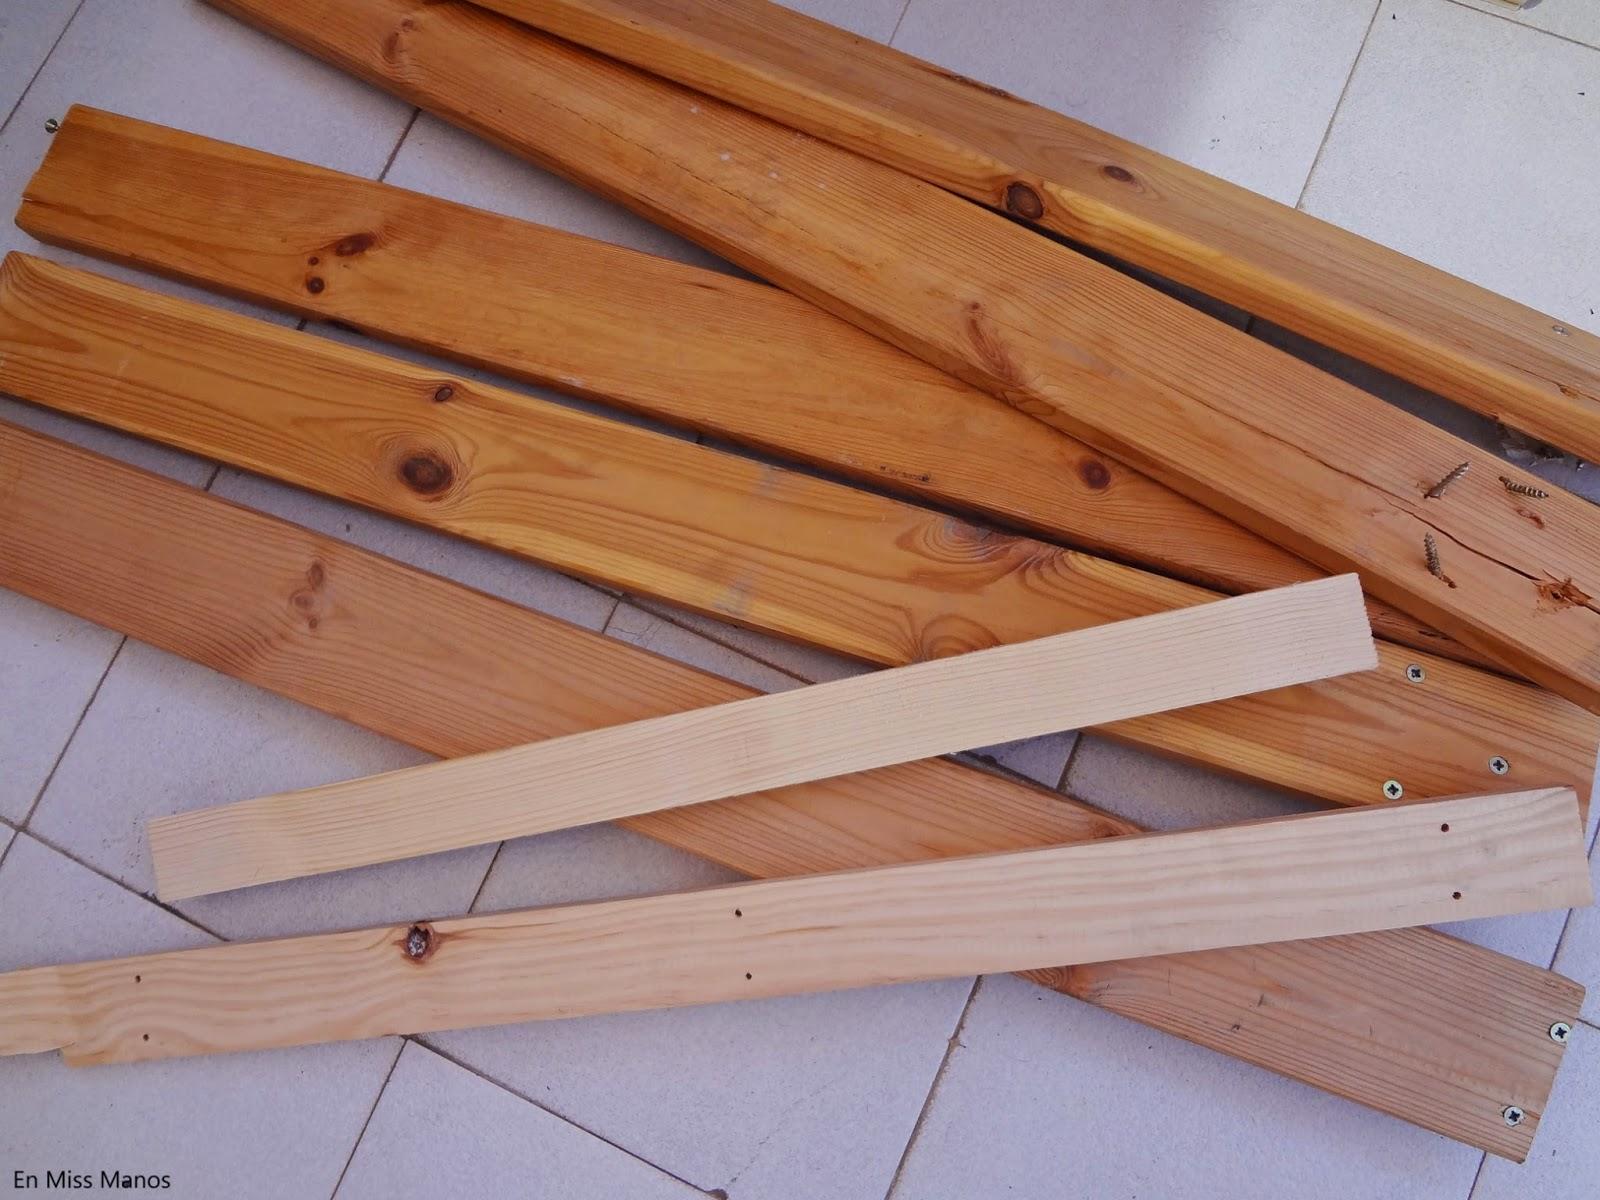 Banco De Madera Para Mi Rincon De Ensueno Handbox Craft Lovers - Leeros-de-madera